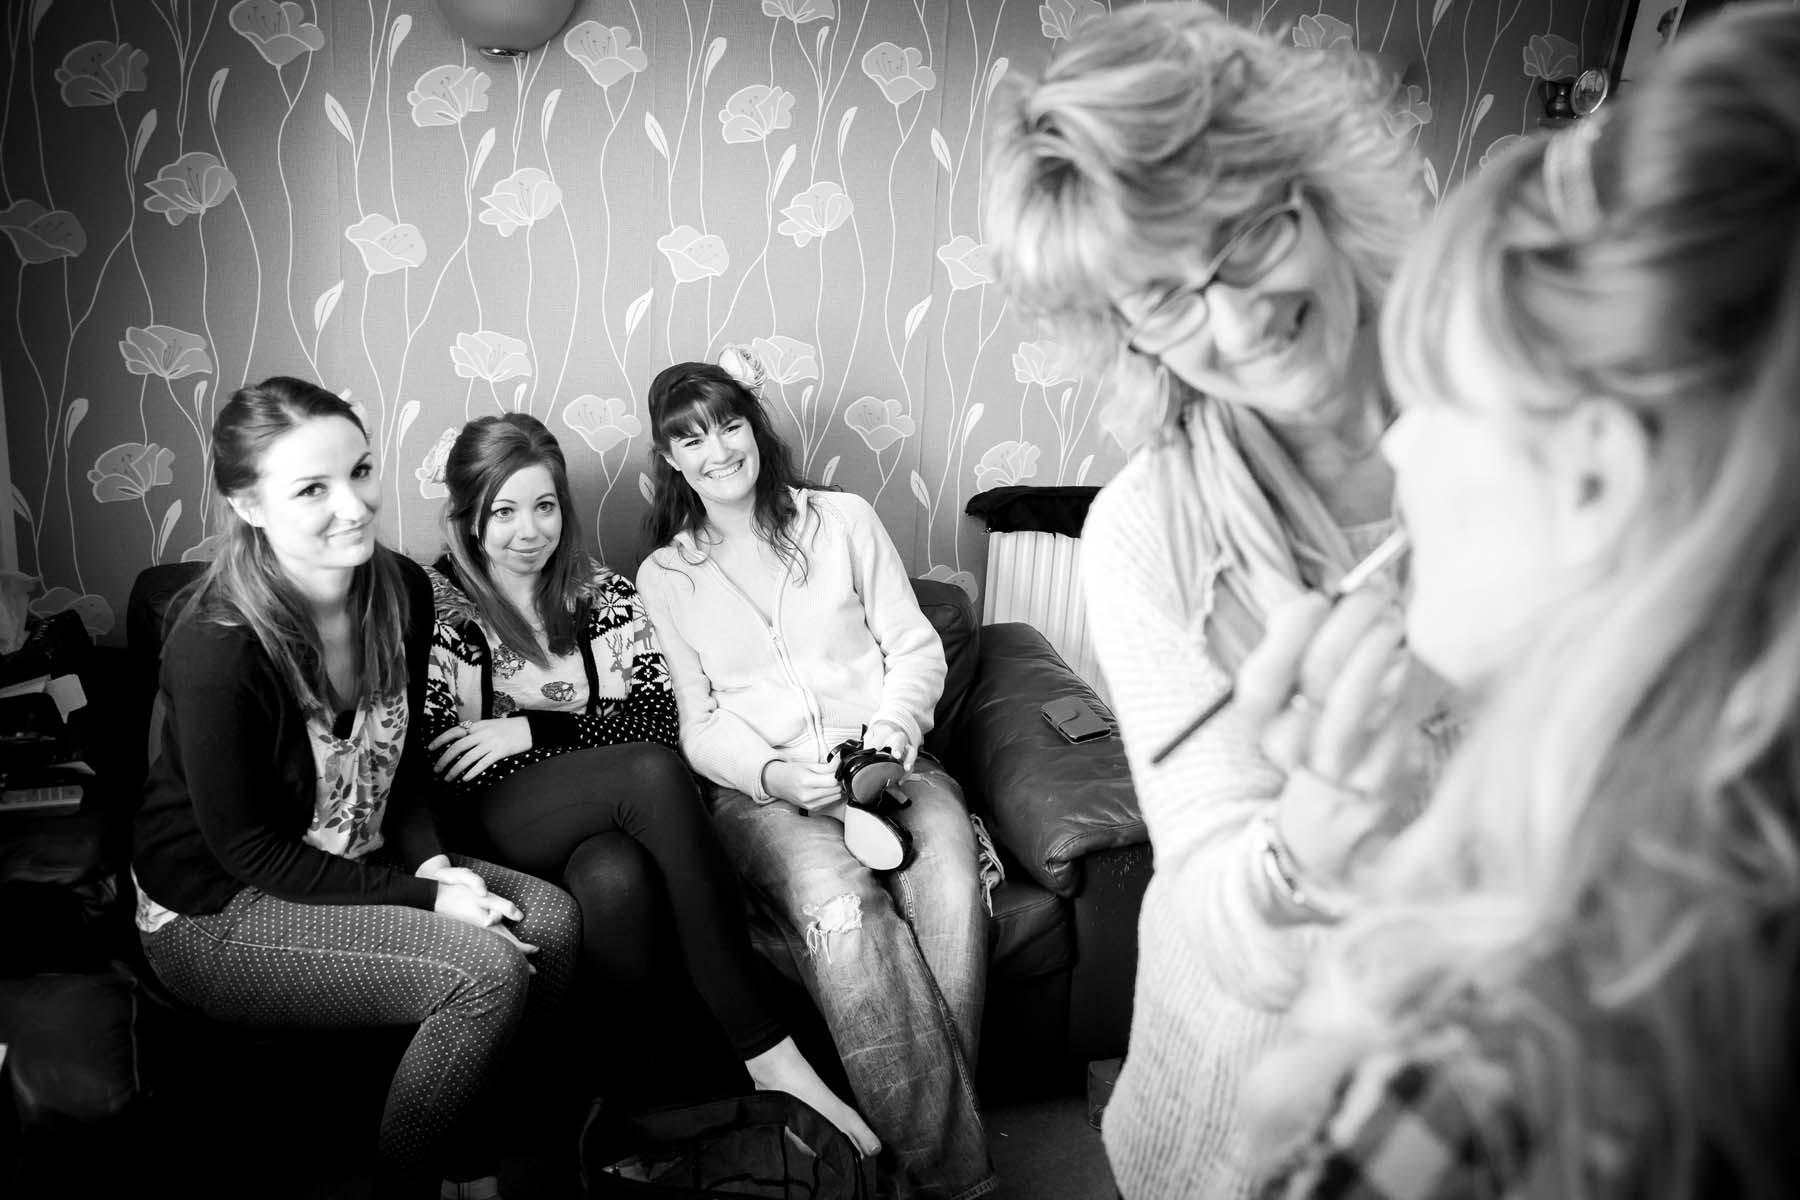 Sussex & Surrey Wedding Photographer - Preparation (7)